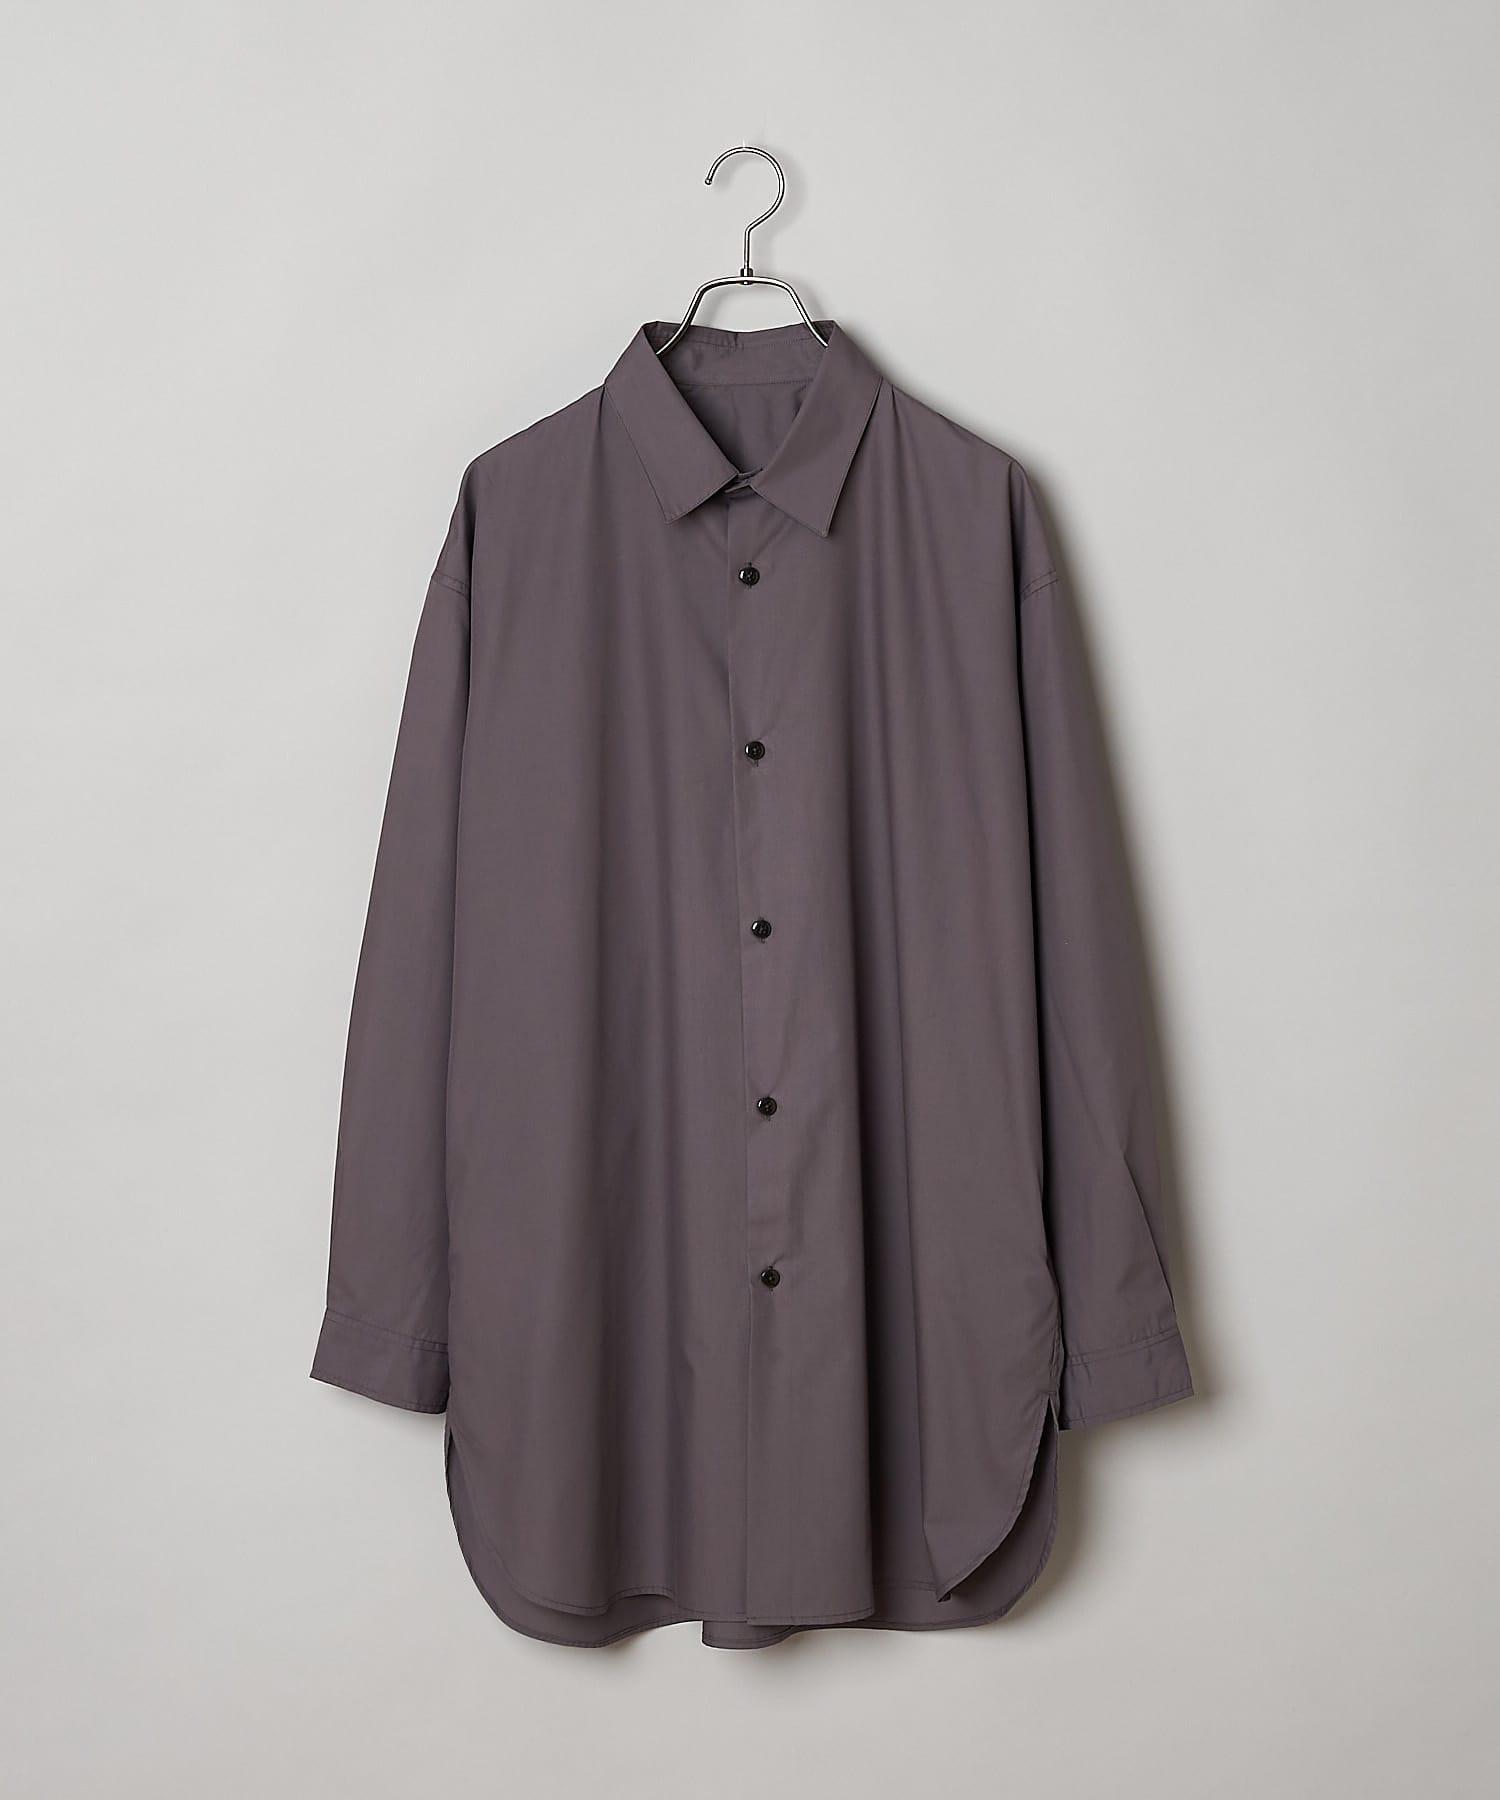 CIAOPANIC(チャオパニック) コットンツイルカラーロングシャツ